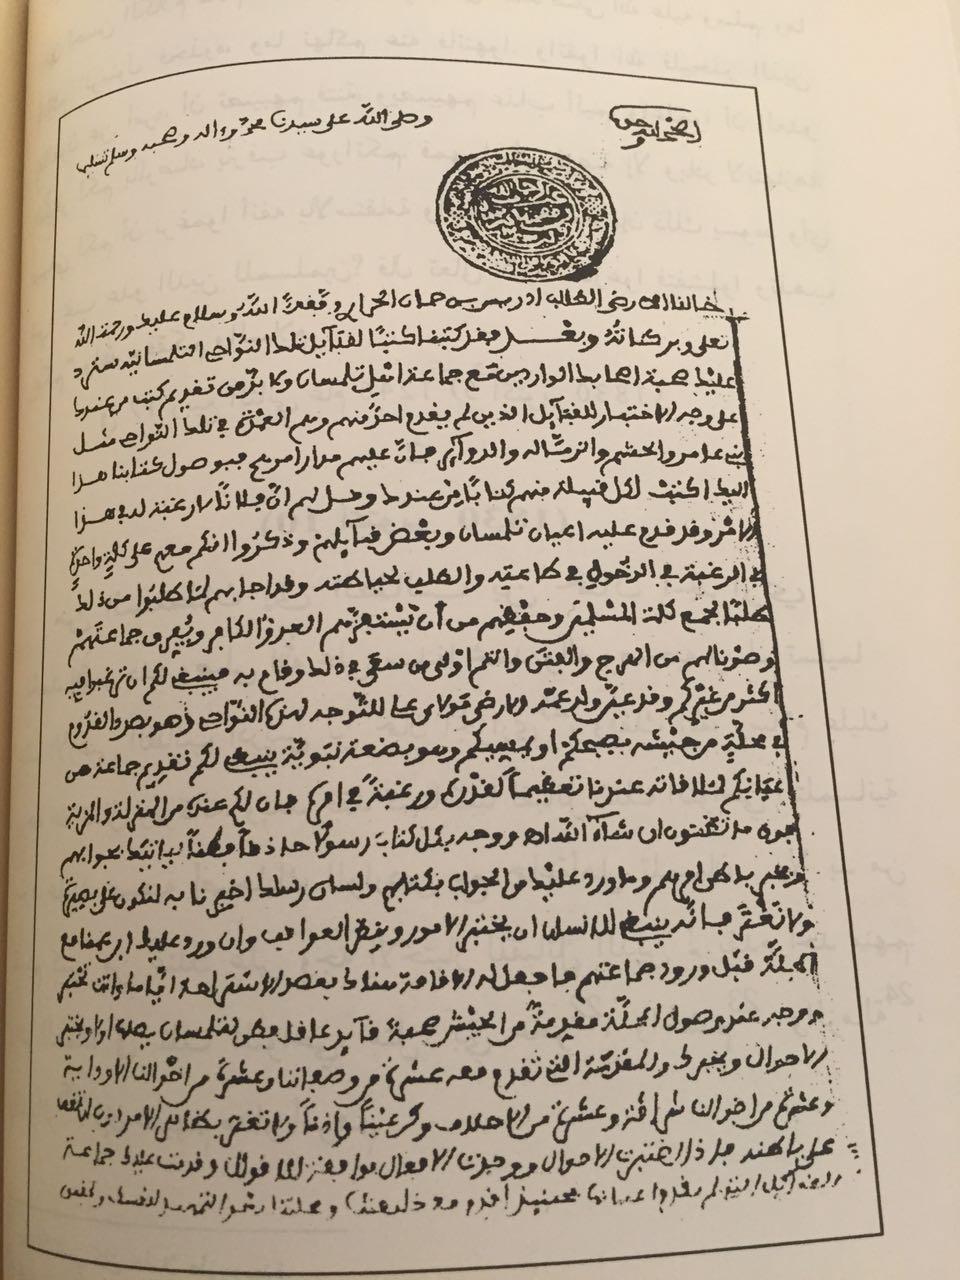 السلطان المغربي رحب ببيعة ساكنة مدينة تلمسان والقبائل الجزائرية